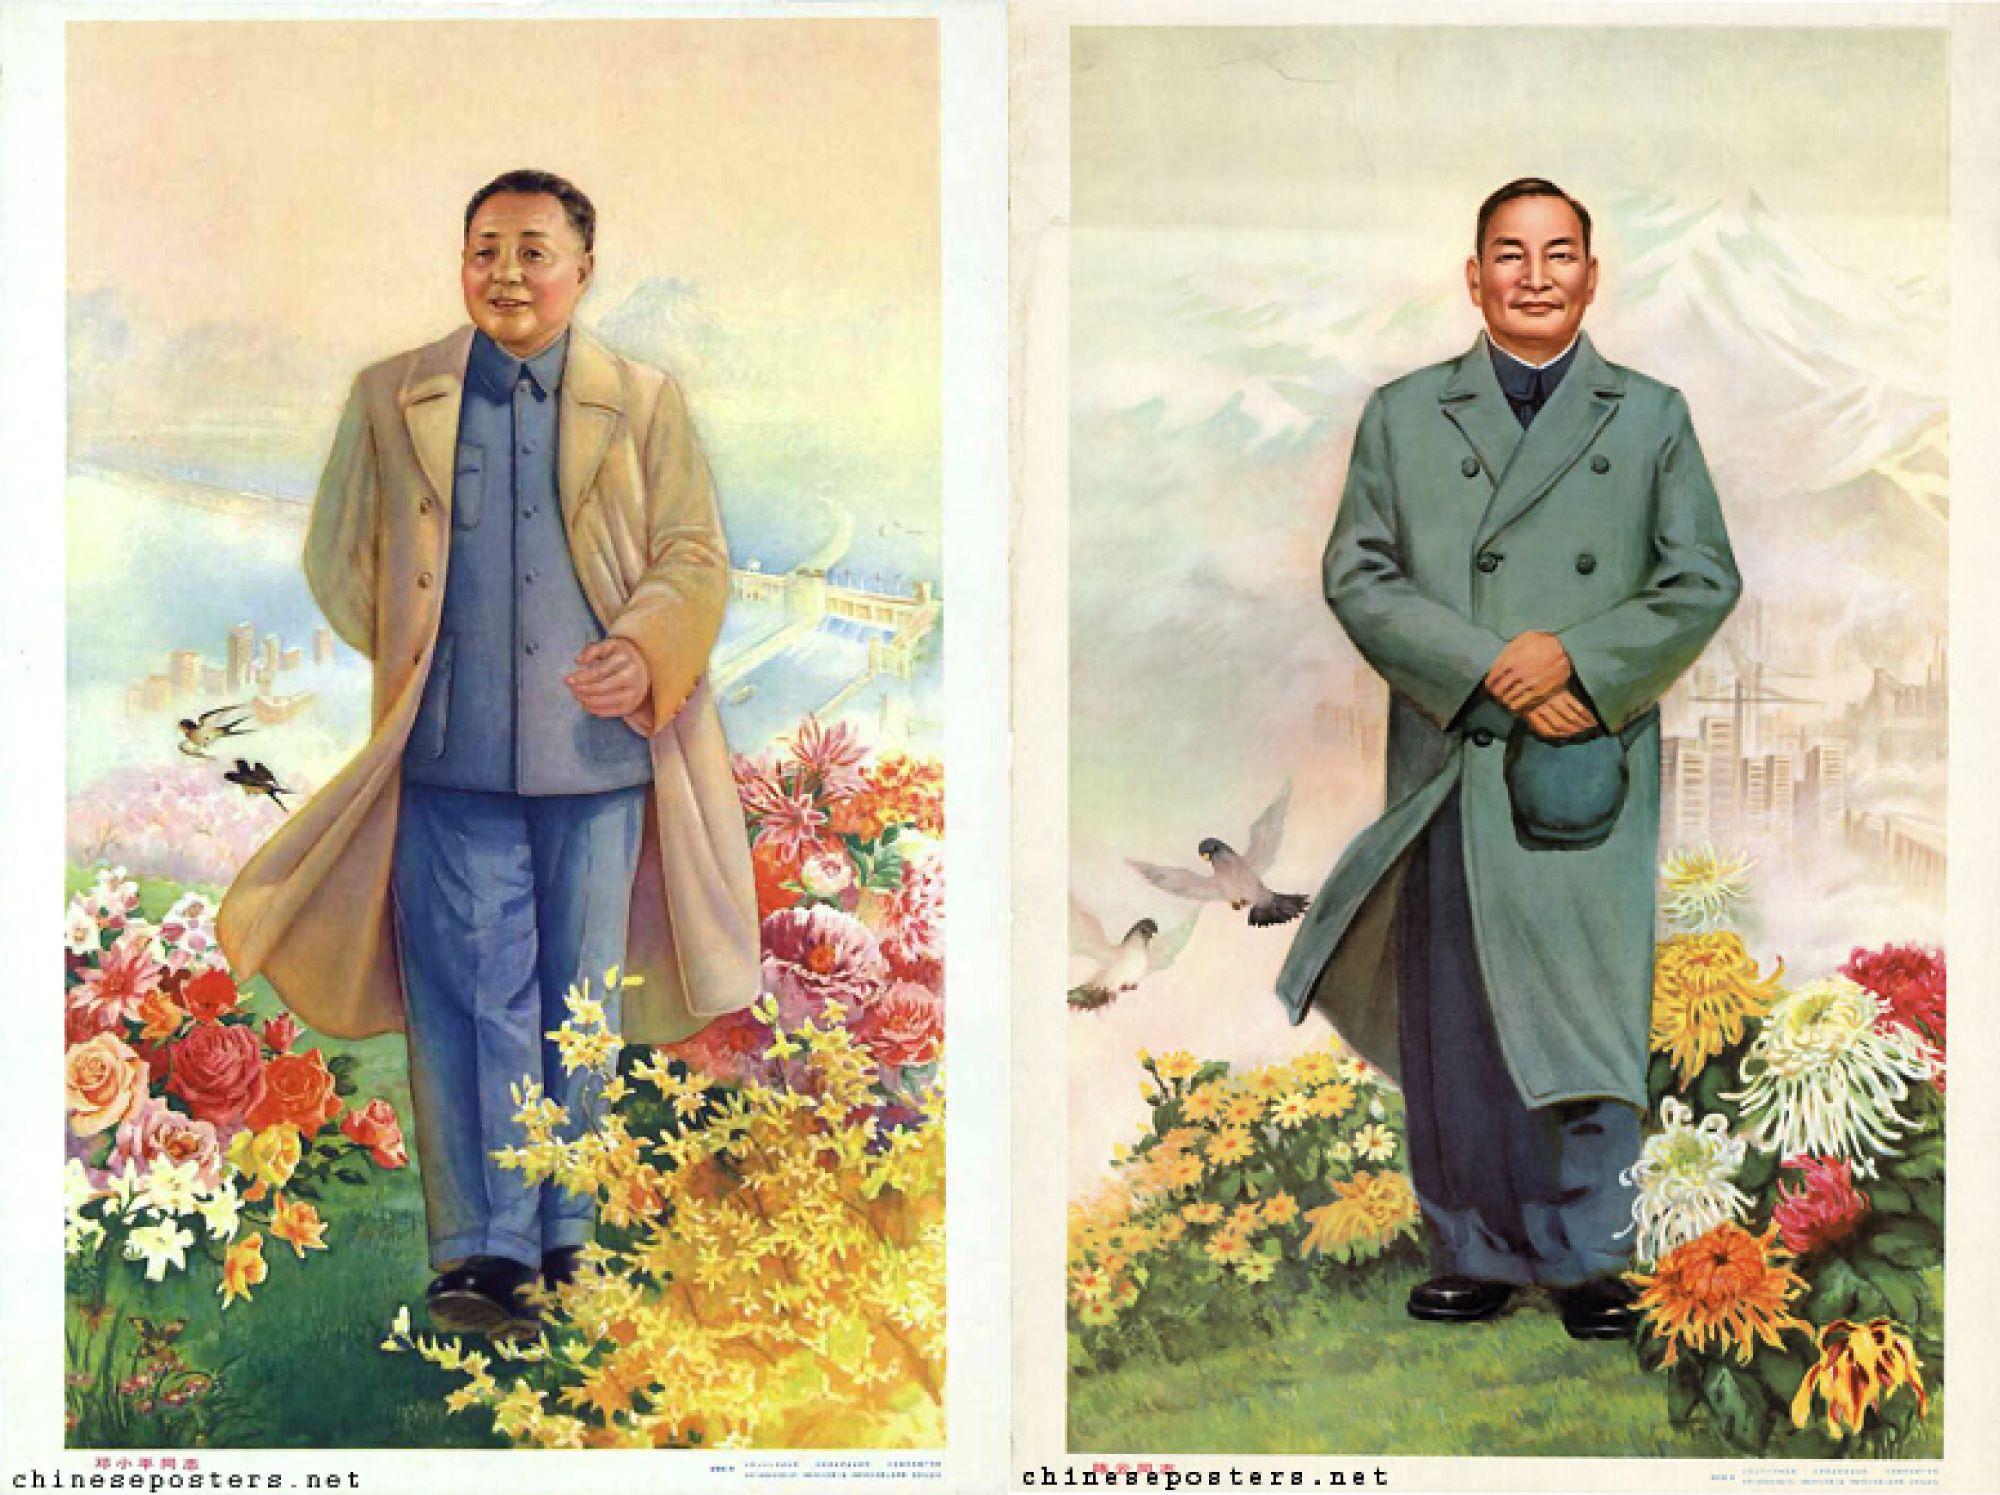 Deng Xiaoping and Chen Yun, taking walks